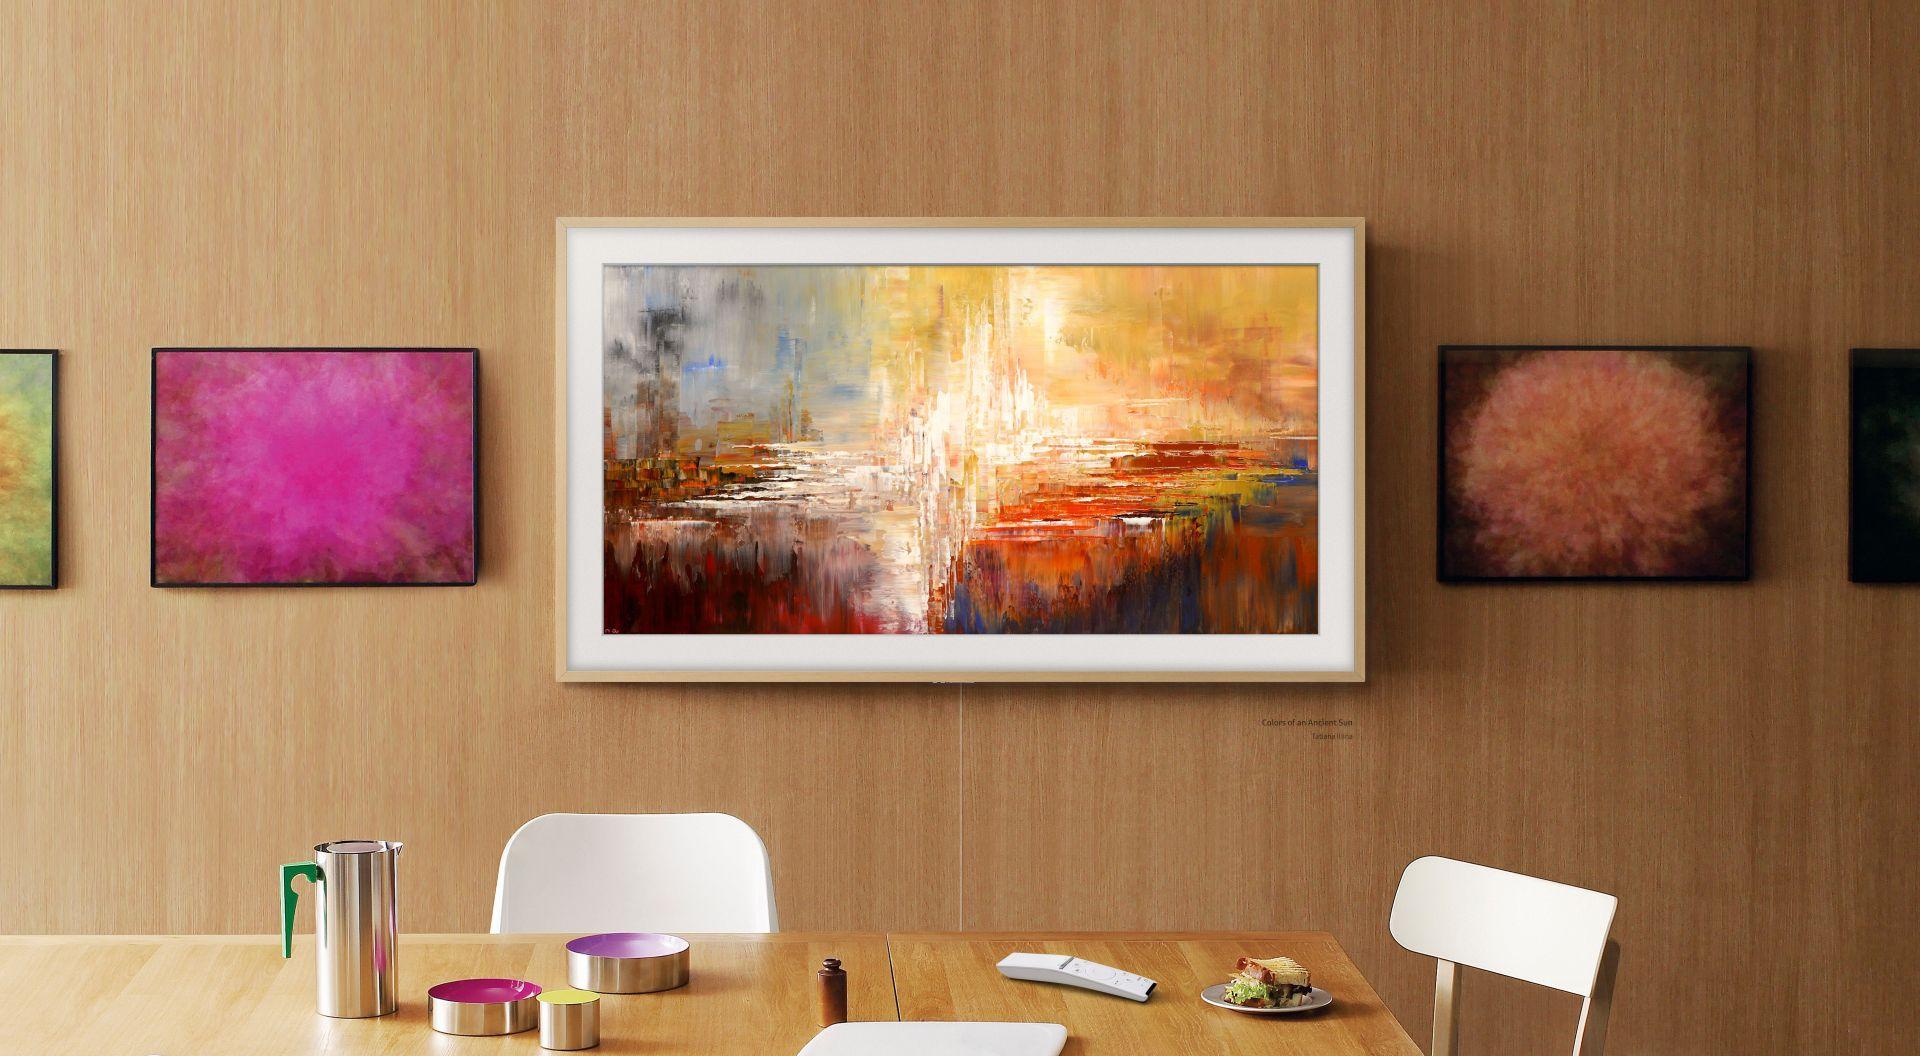 Kup telewizor Samsung The Frame, dzieła sztuki dostaniesz gratis!